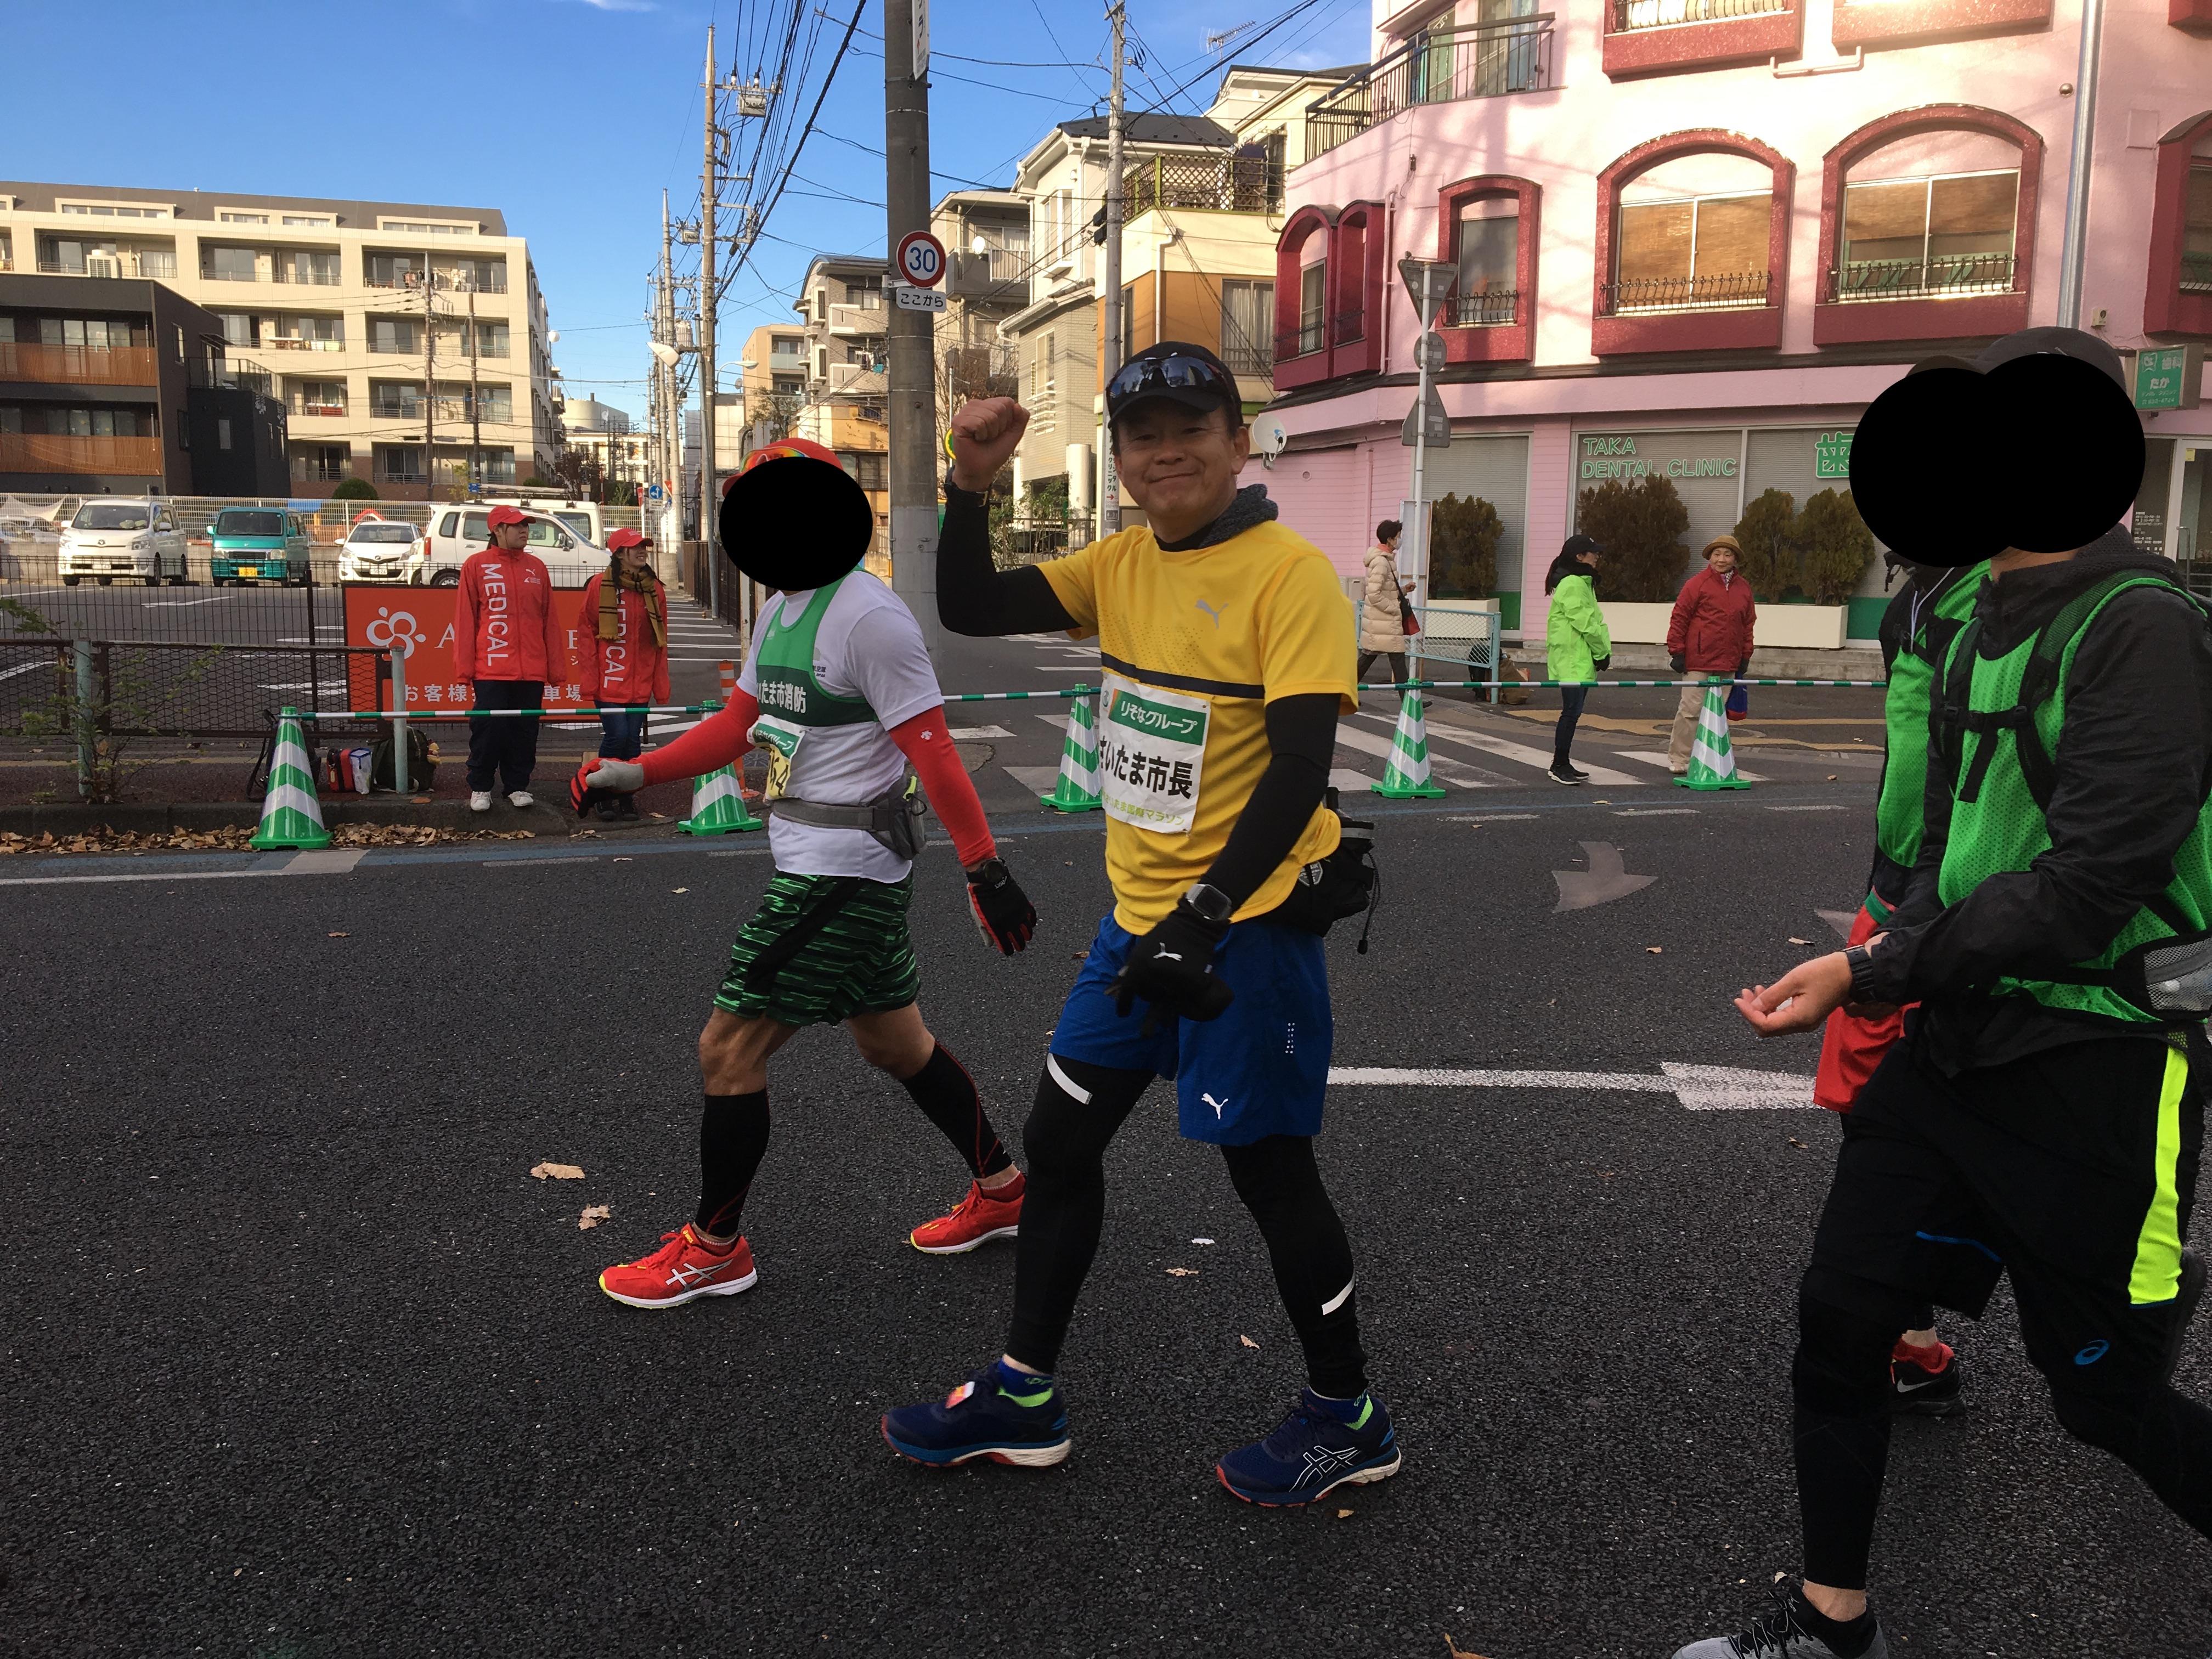 【イベント参加レポート】師走のさいたまを疾走!第4回さいたま国際マラソン